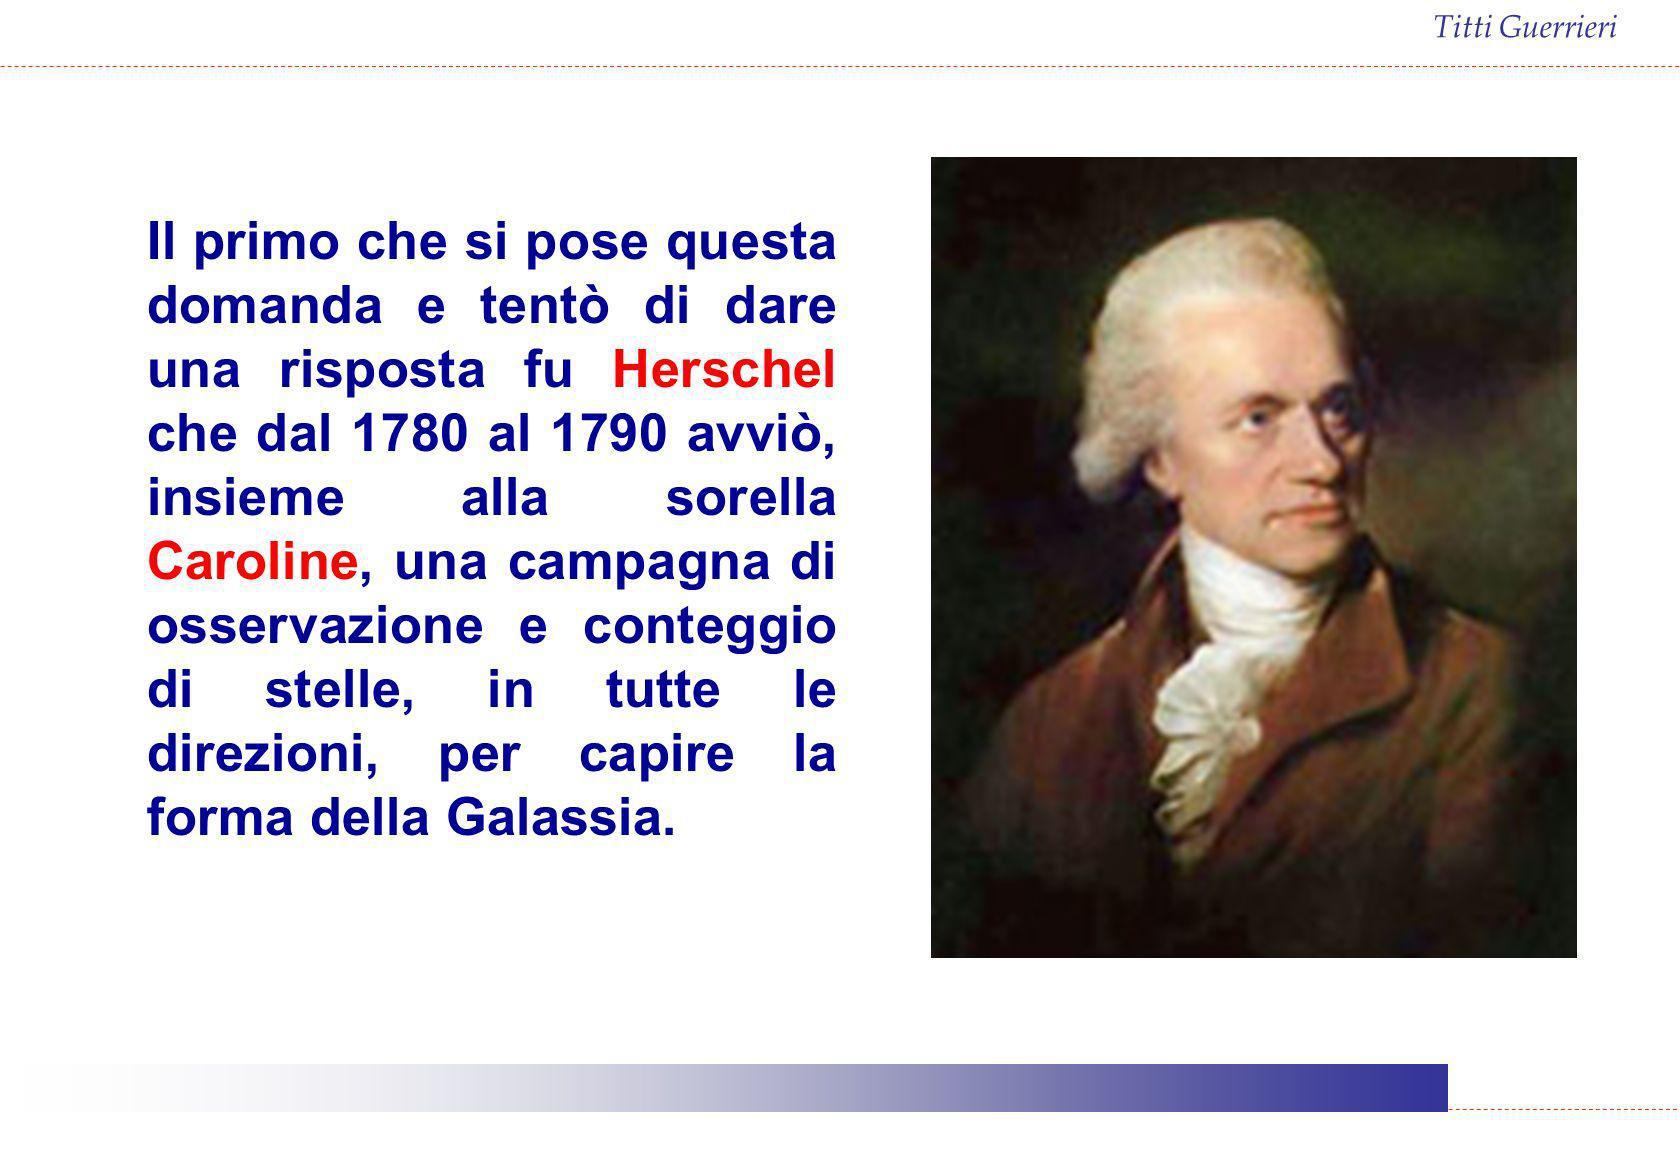 Titti Guerrieri Il primo che si pose questa domanda e tentò di dare una risposta fu Herschel che dal 1780 al 1790 avviò, insieme alla sorella Caroline